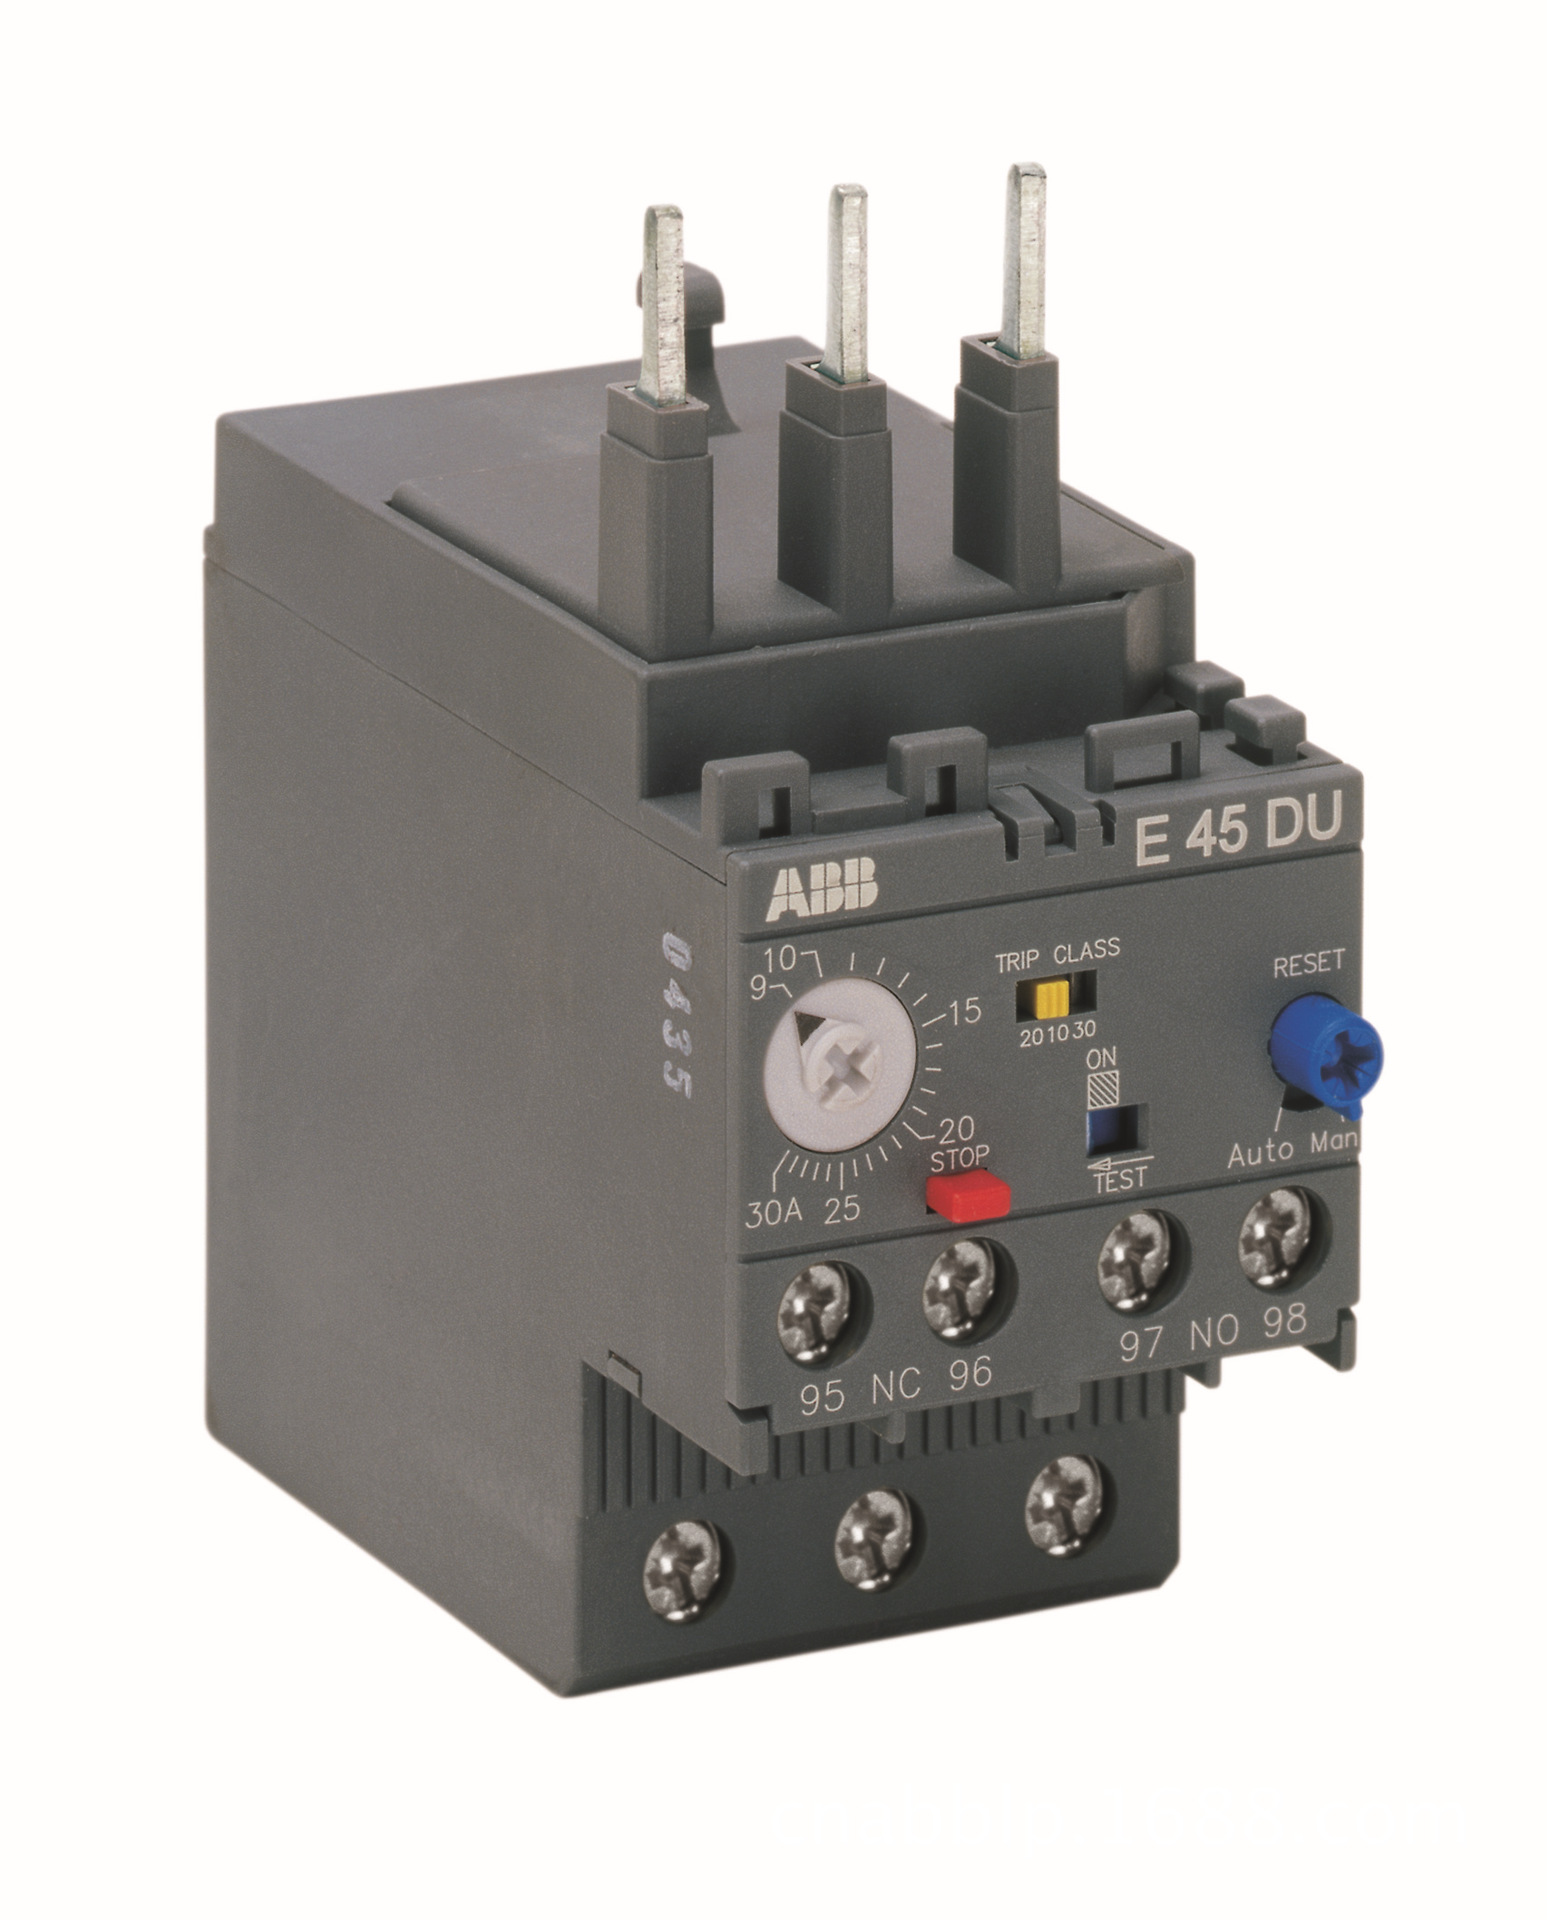 Rơ le nhiệt điện tử bảo vệ quá tải ABB - E45DU-30A